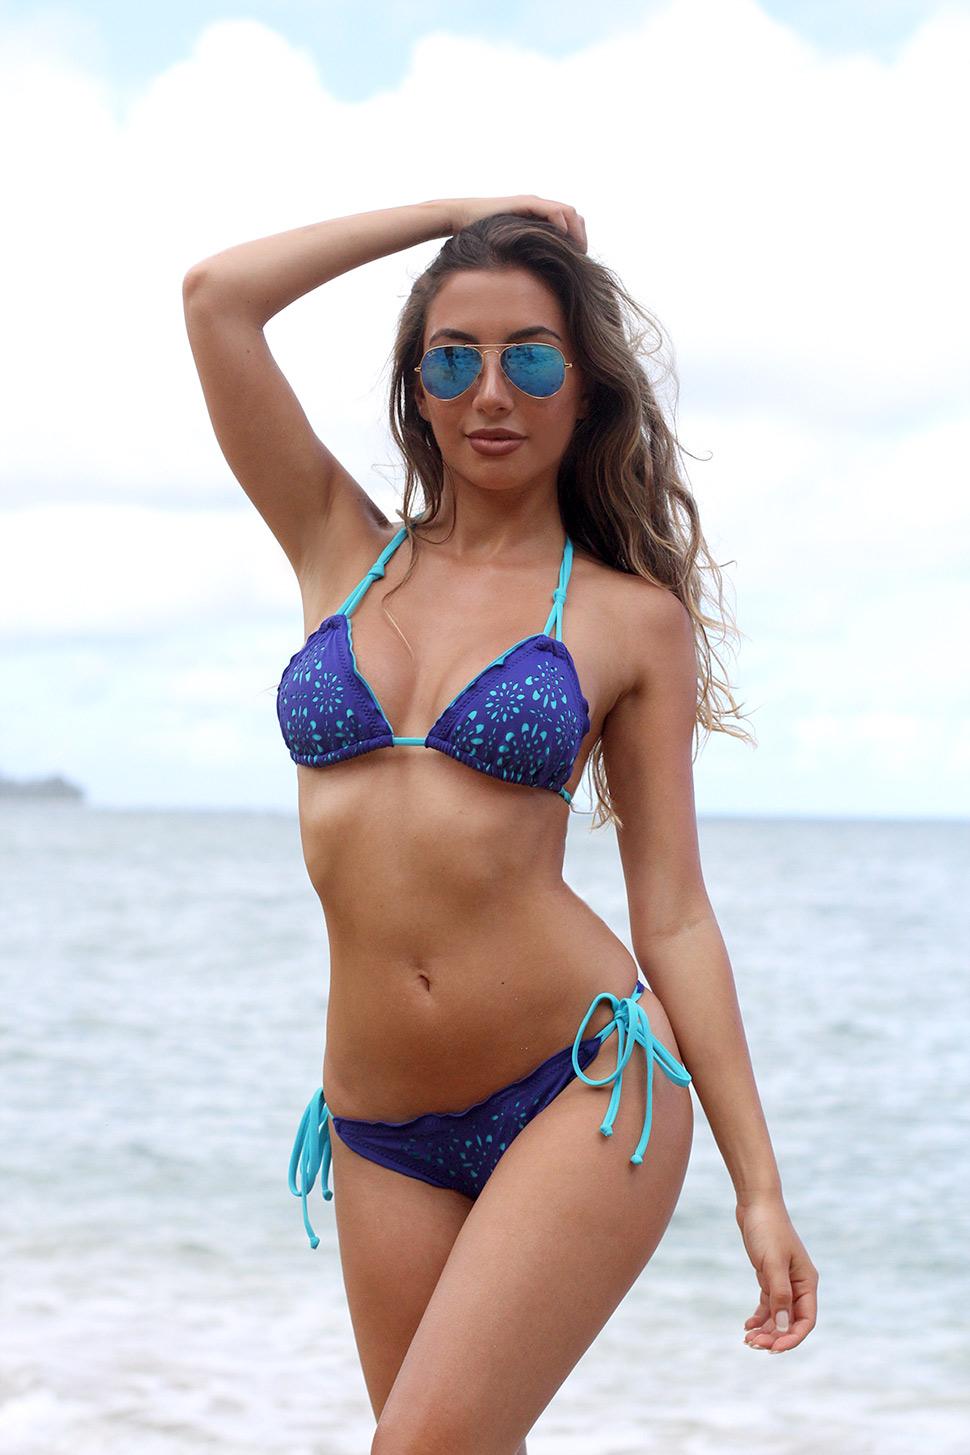 Azeri model in Hawaii, Ulia Ali